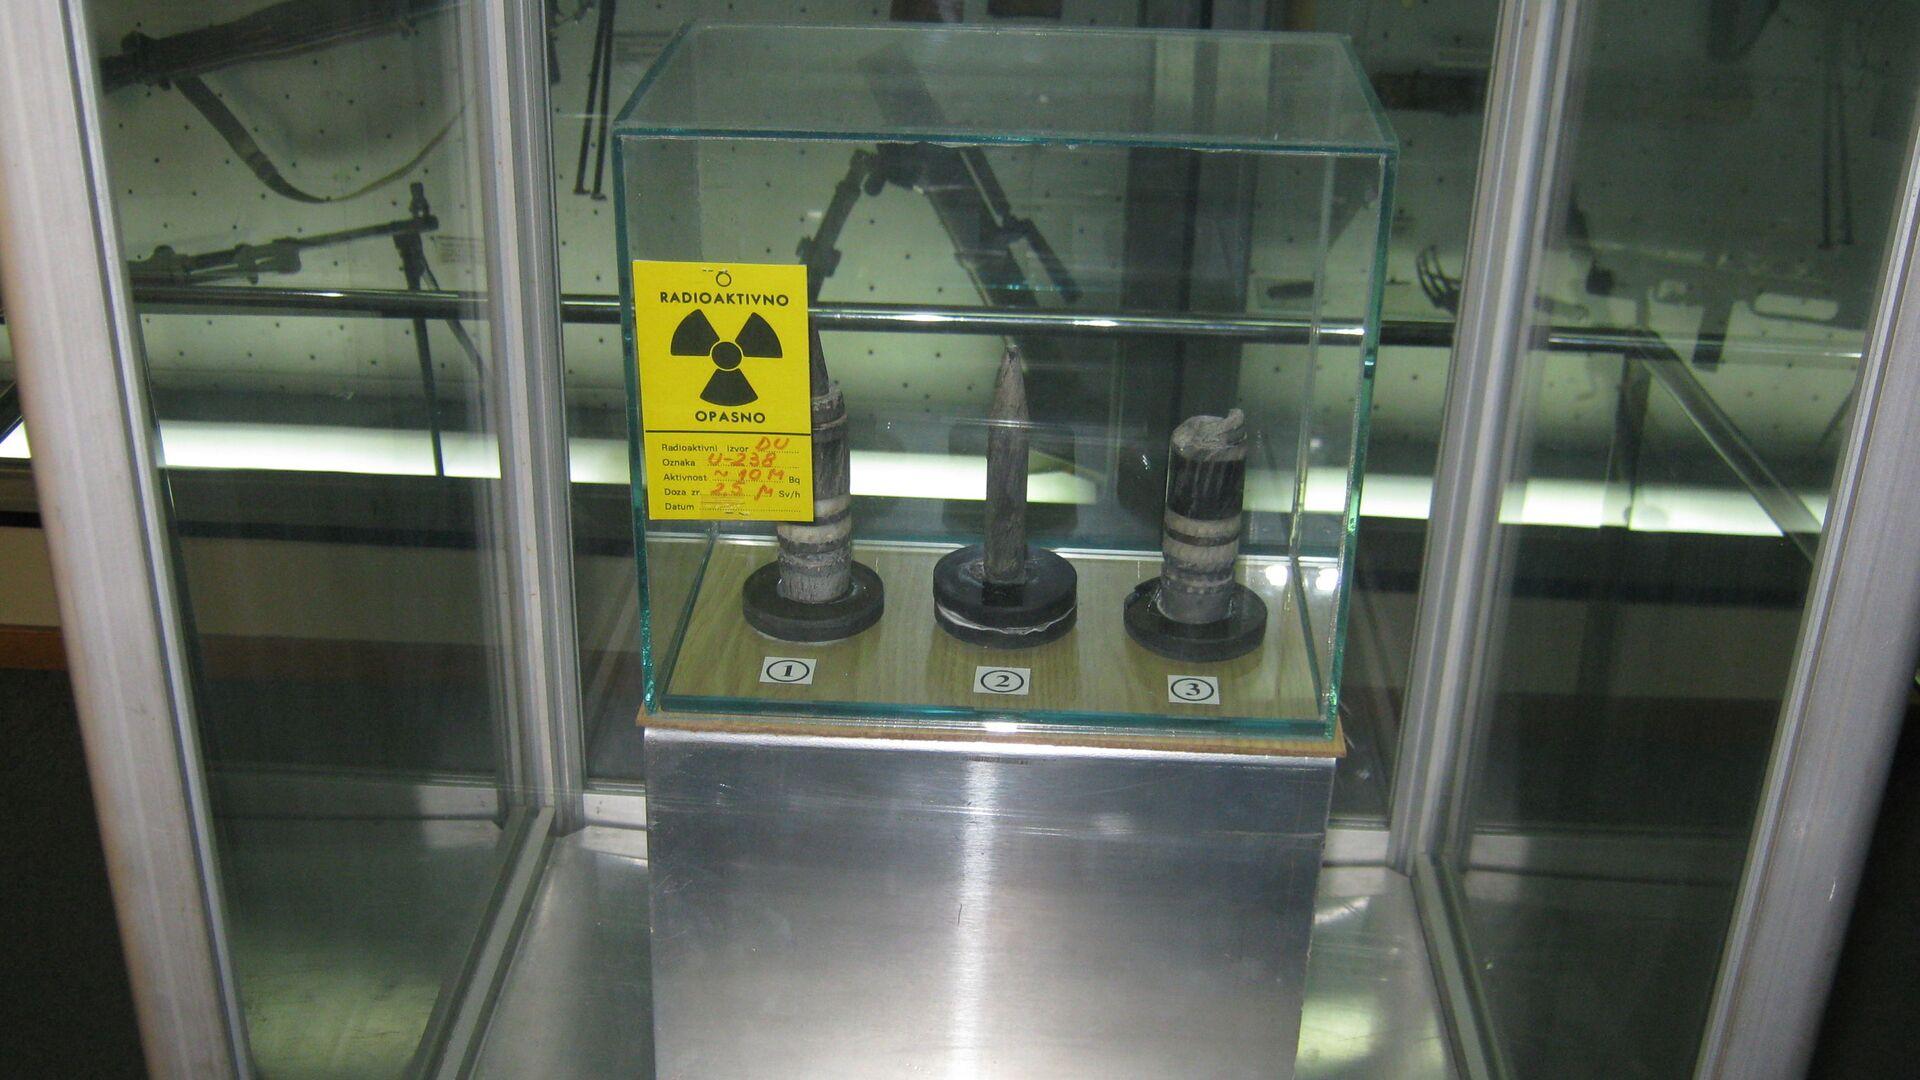 Ostaci bombi sa osiromašenim uranijumom koje su korištene tokom NATO agresije na SRJ 1999. godine - Sputnik Srbija, 1920, 11.02.2021